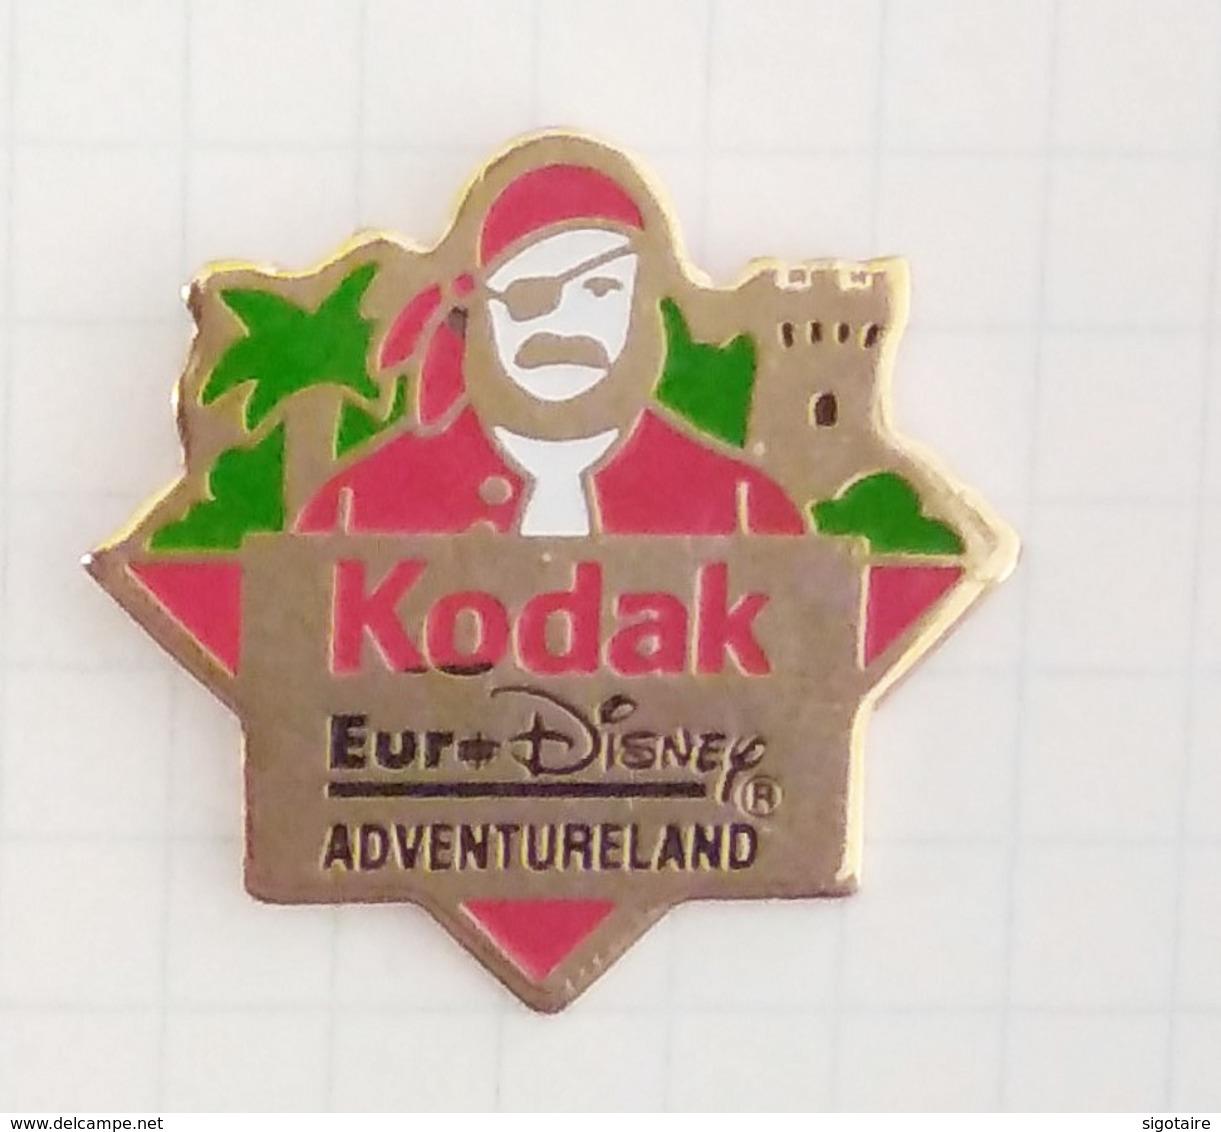 Kodak - EuroDisney - Adventureland - Disney